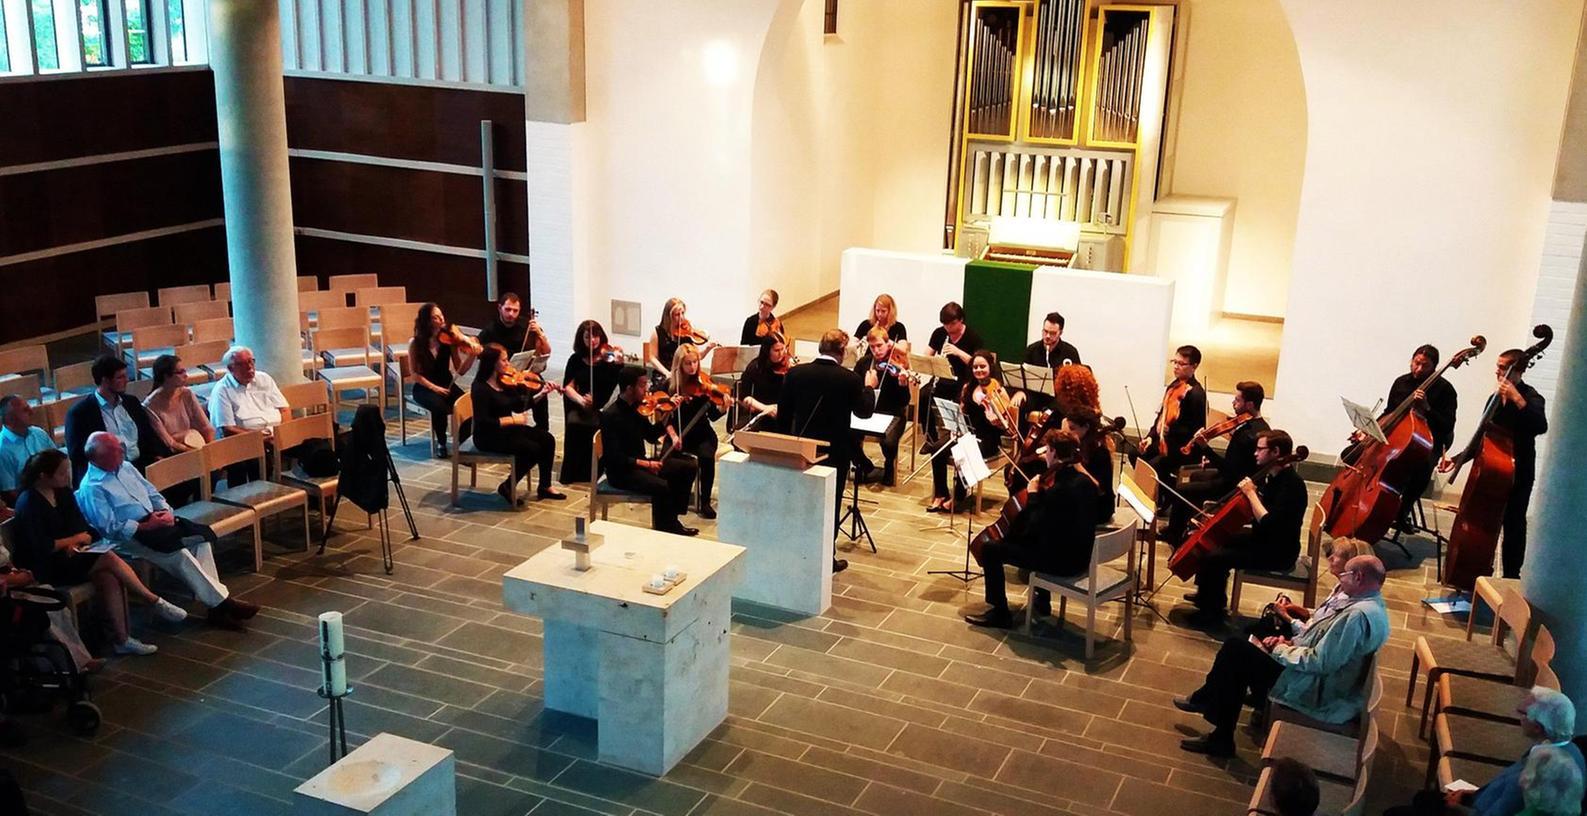 Zum Abschluss der Herzogenauracher Orgeltage ließ Gerald Fink die Orgel in der evangelischen Kirche erklingen, dazu spielte ein Kammerorchester des Collegium Musicum unter der Leitung von Dankwart Schmidt.